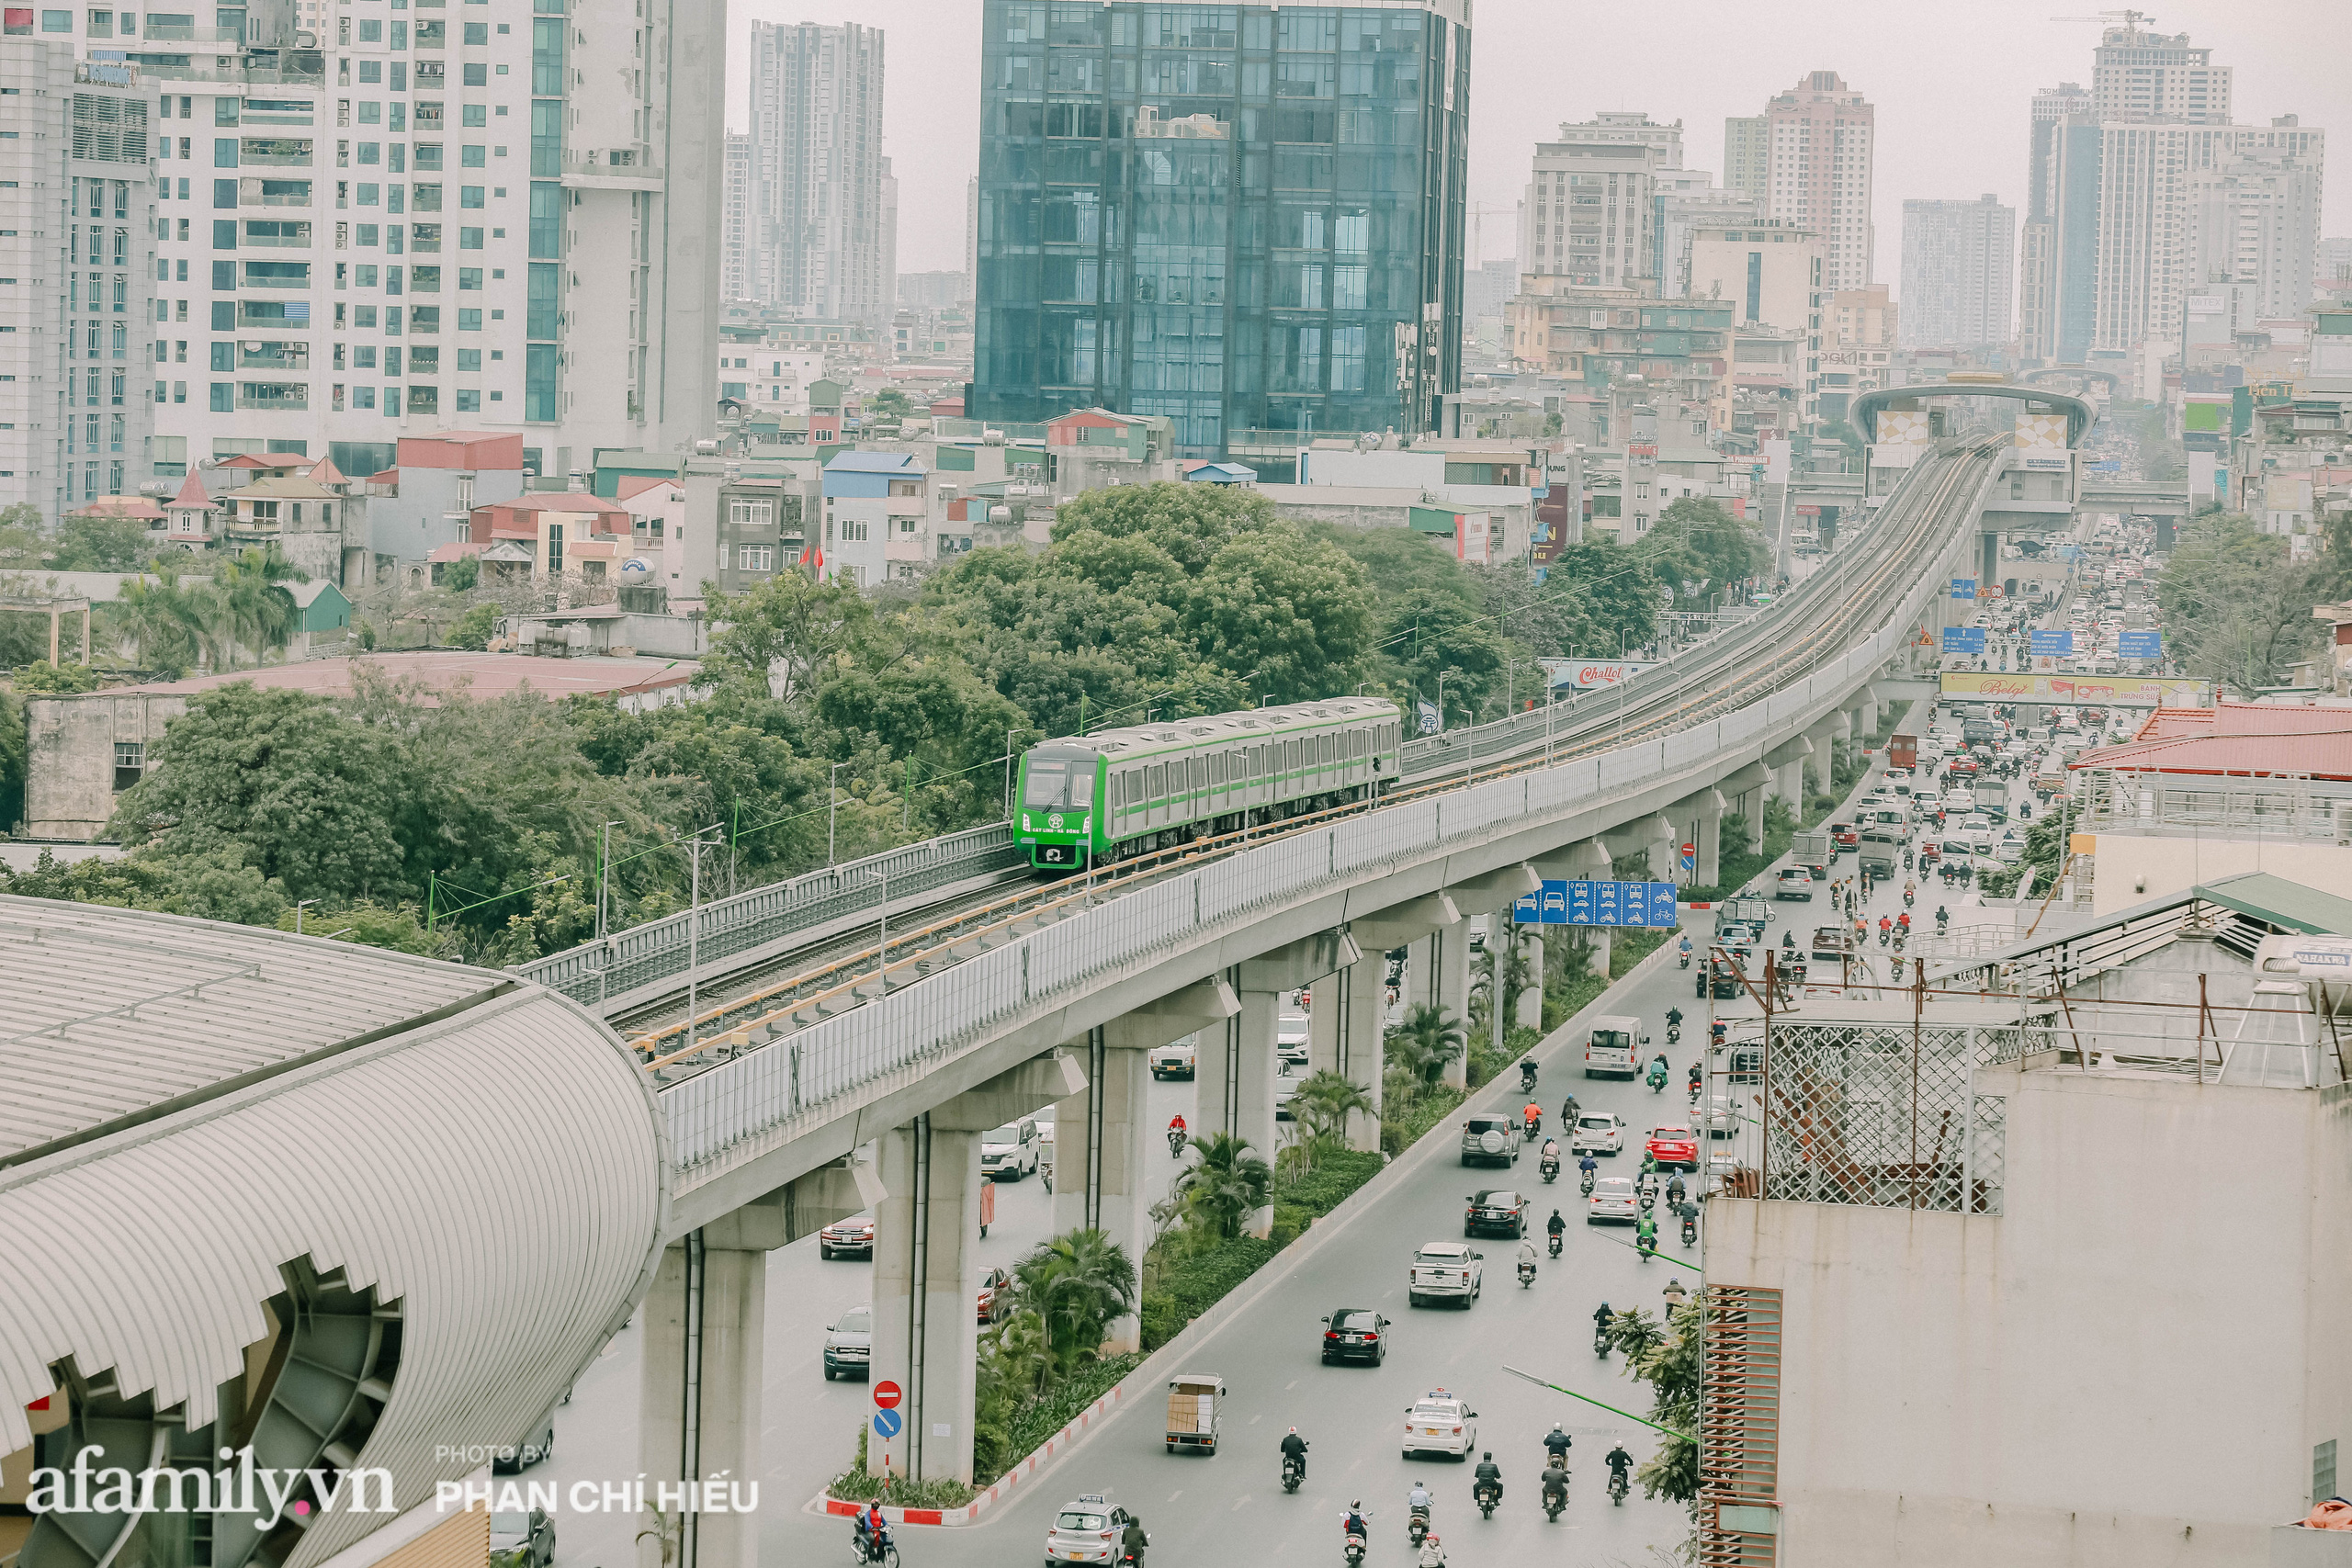 Tuyến đường sắt Cát Linh- Hà Đông đẹp cỡ nào mà được nhiều reviewer khen hết lời, lại còn rủ nhau đi mua vest để chuẩn bị đi thử trong năm 2021 - Ảnh 3.